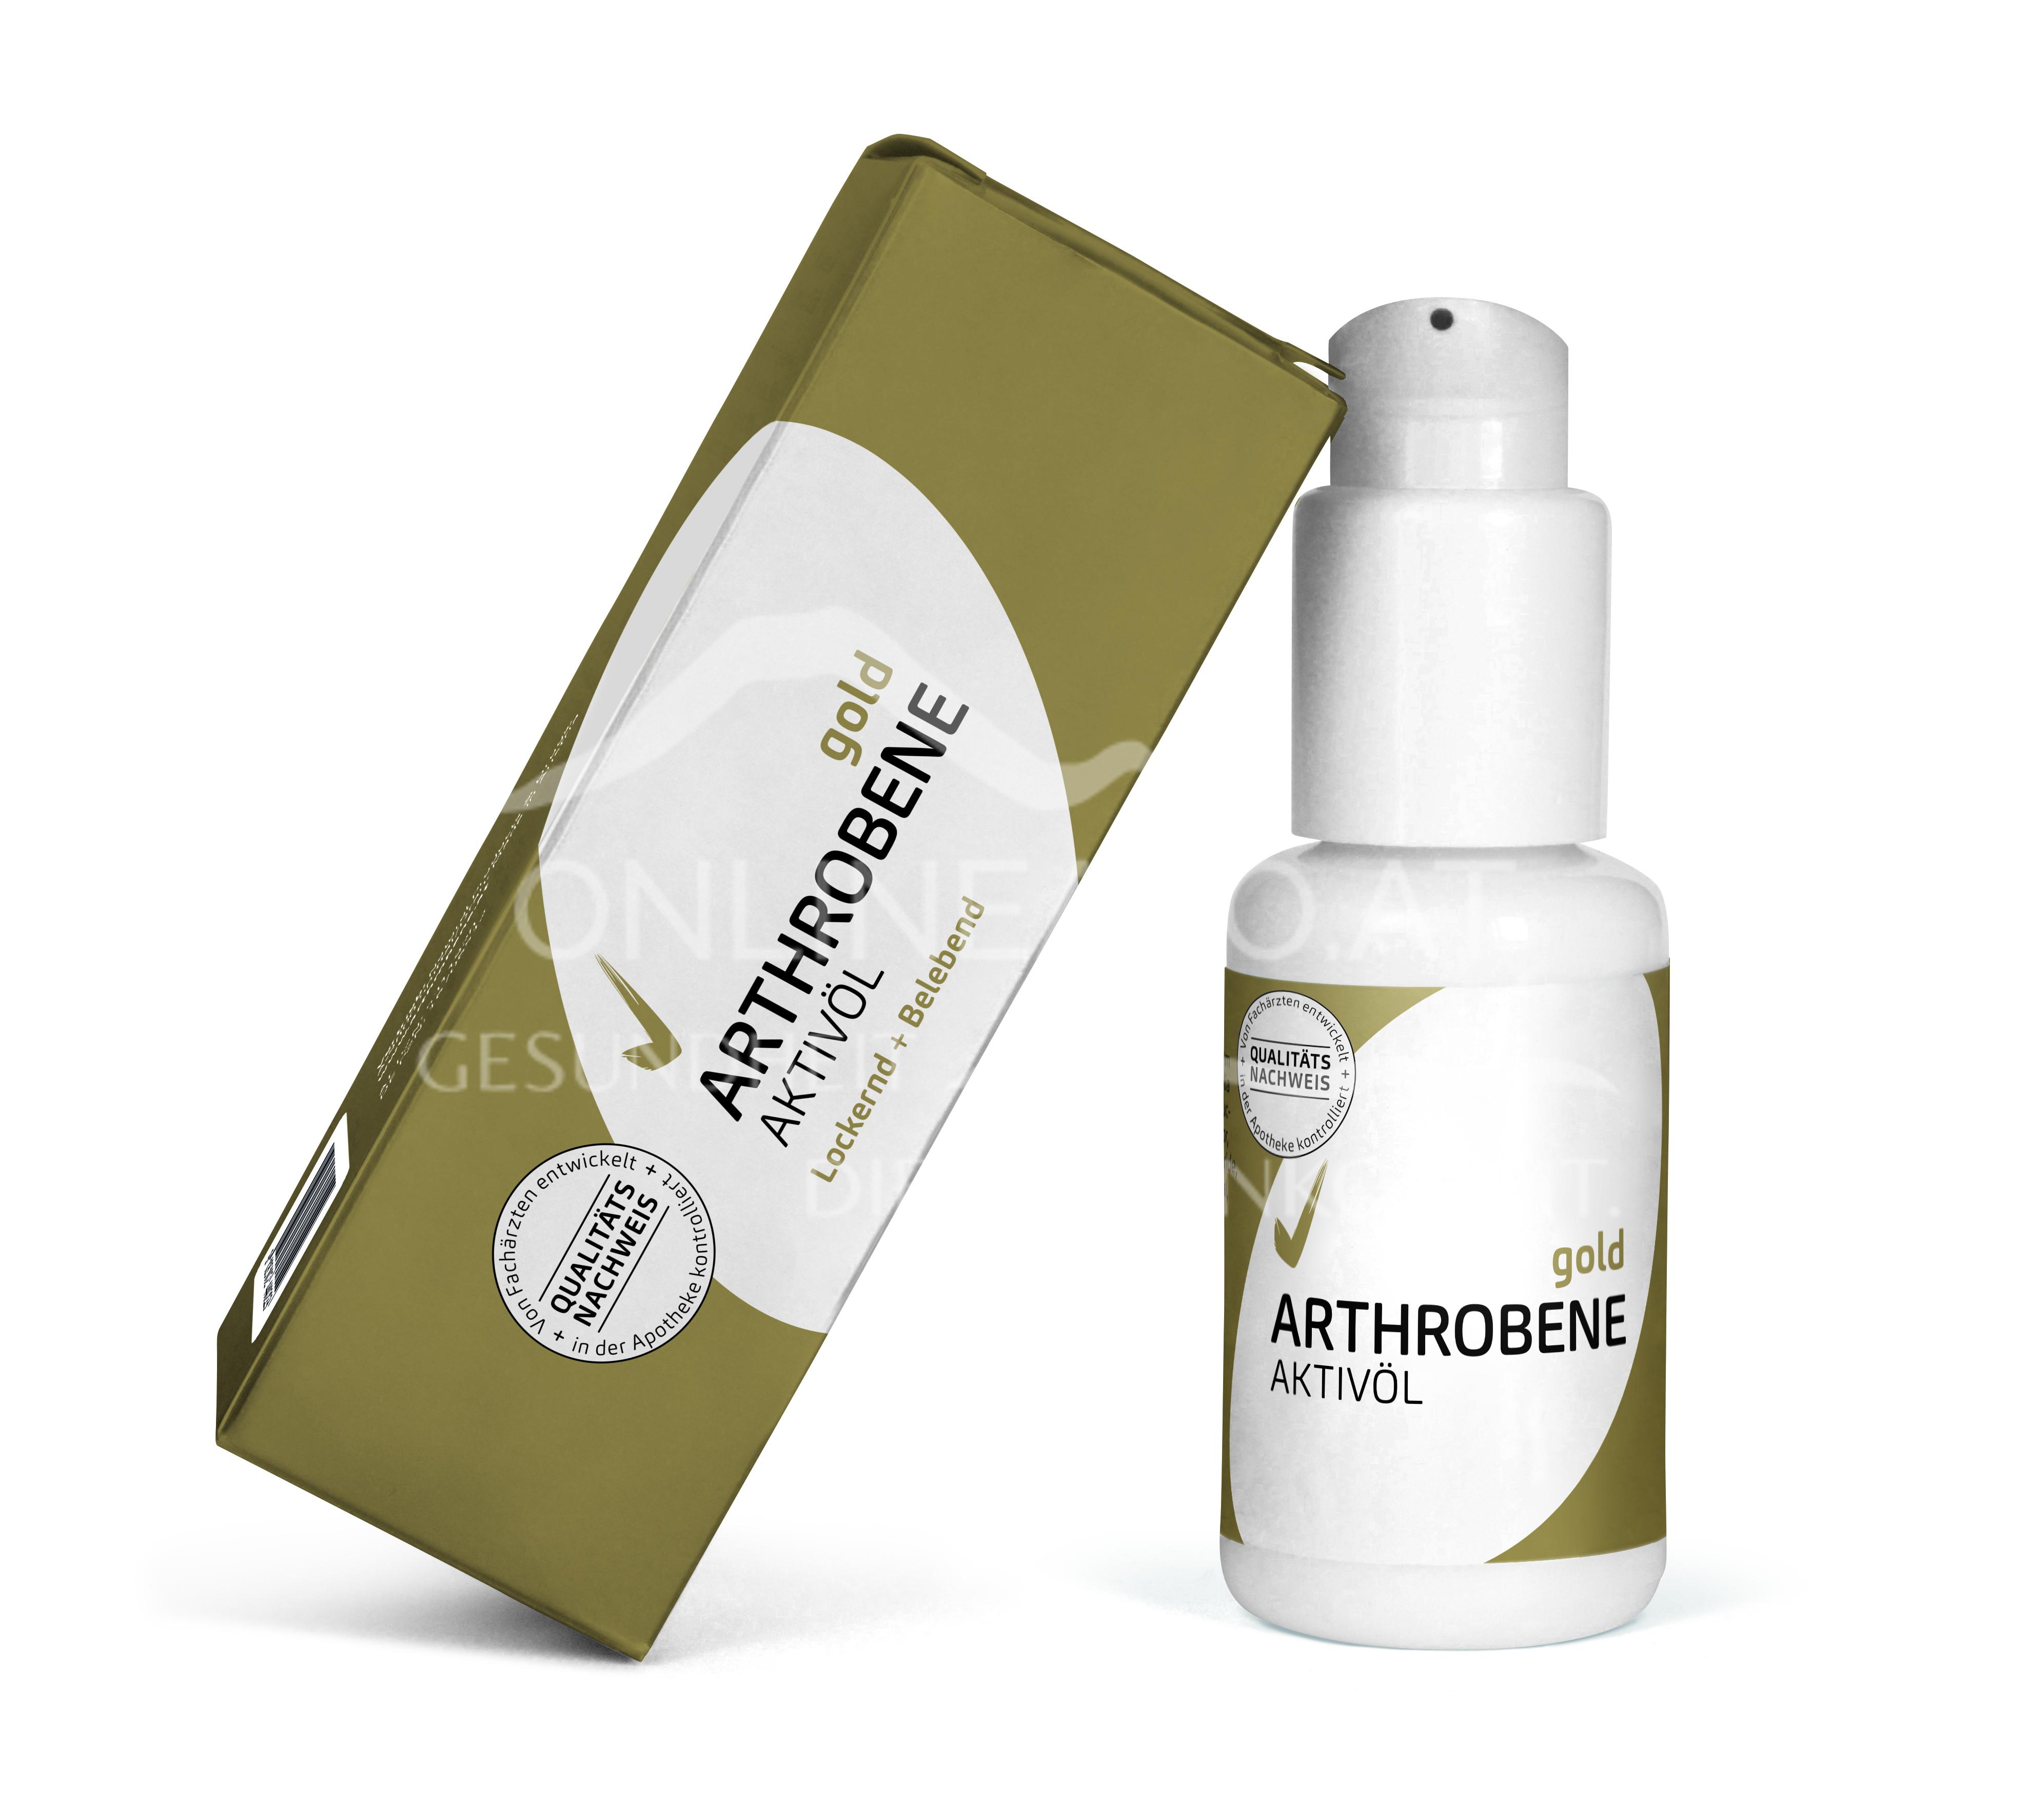 ARTHROBENE Aktivöl Gold Öl